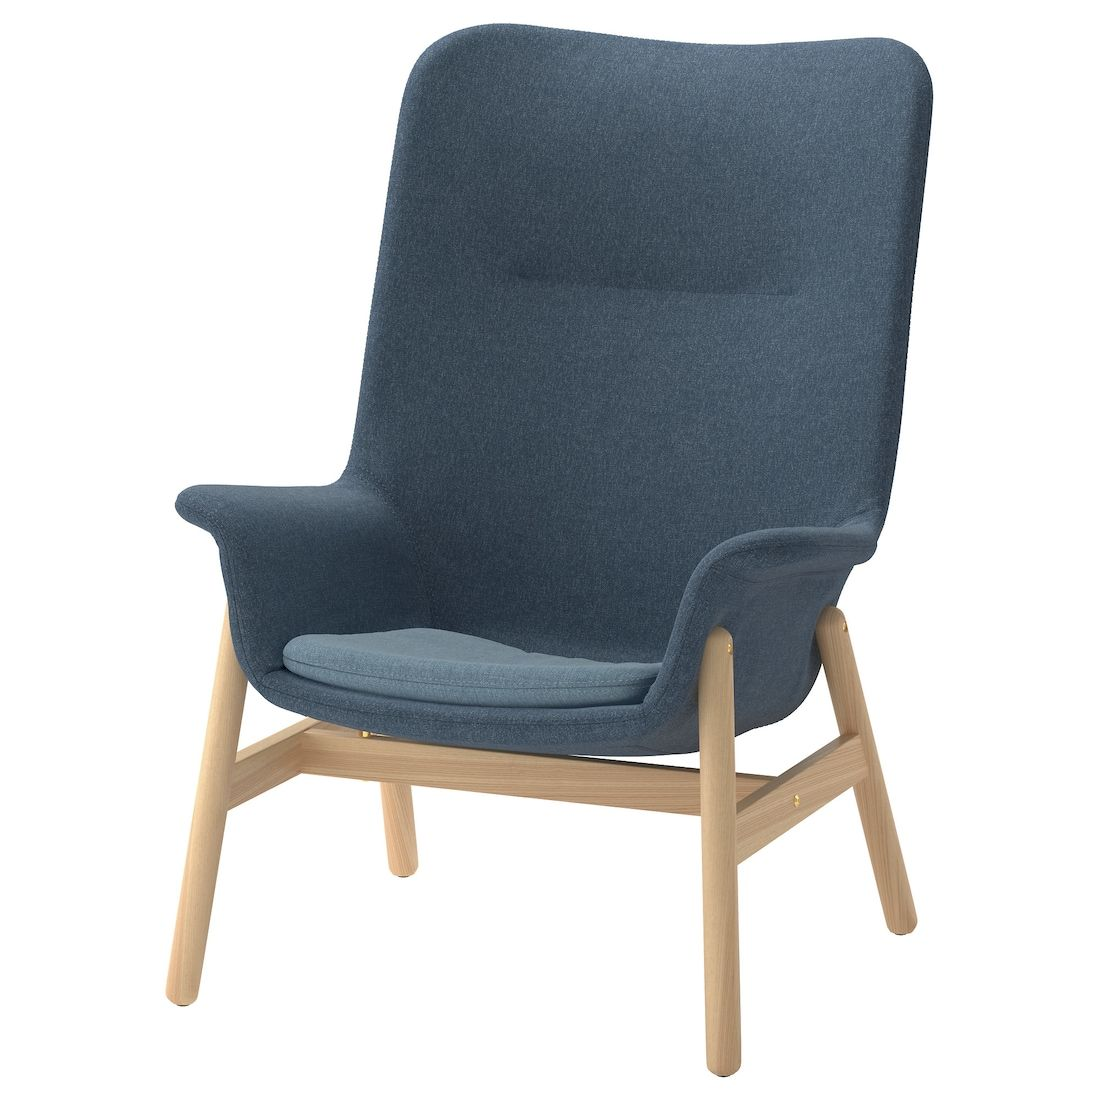 Sessel mit hoher Rückenlehne VEDBO Gunnared blau in 2019 | Wohn ...